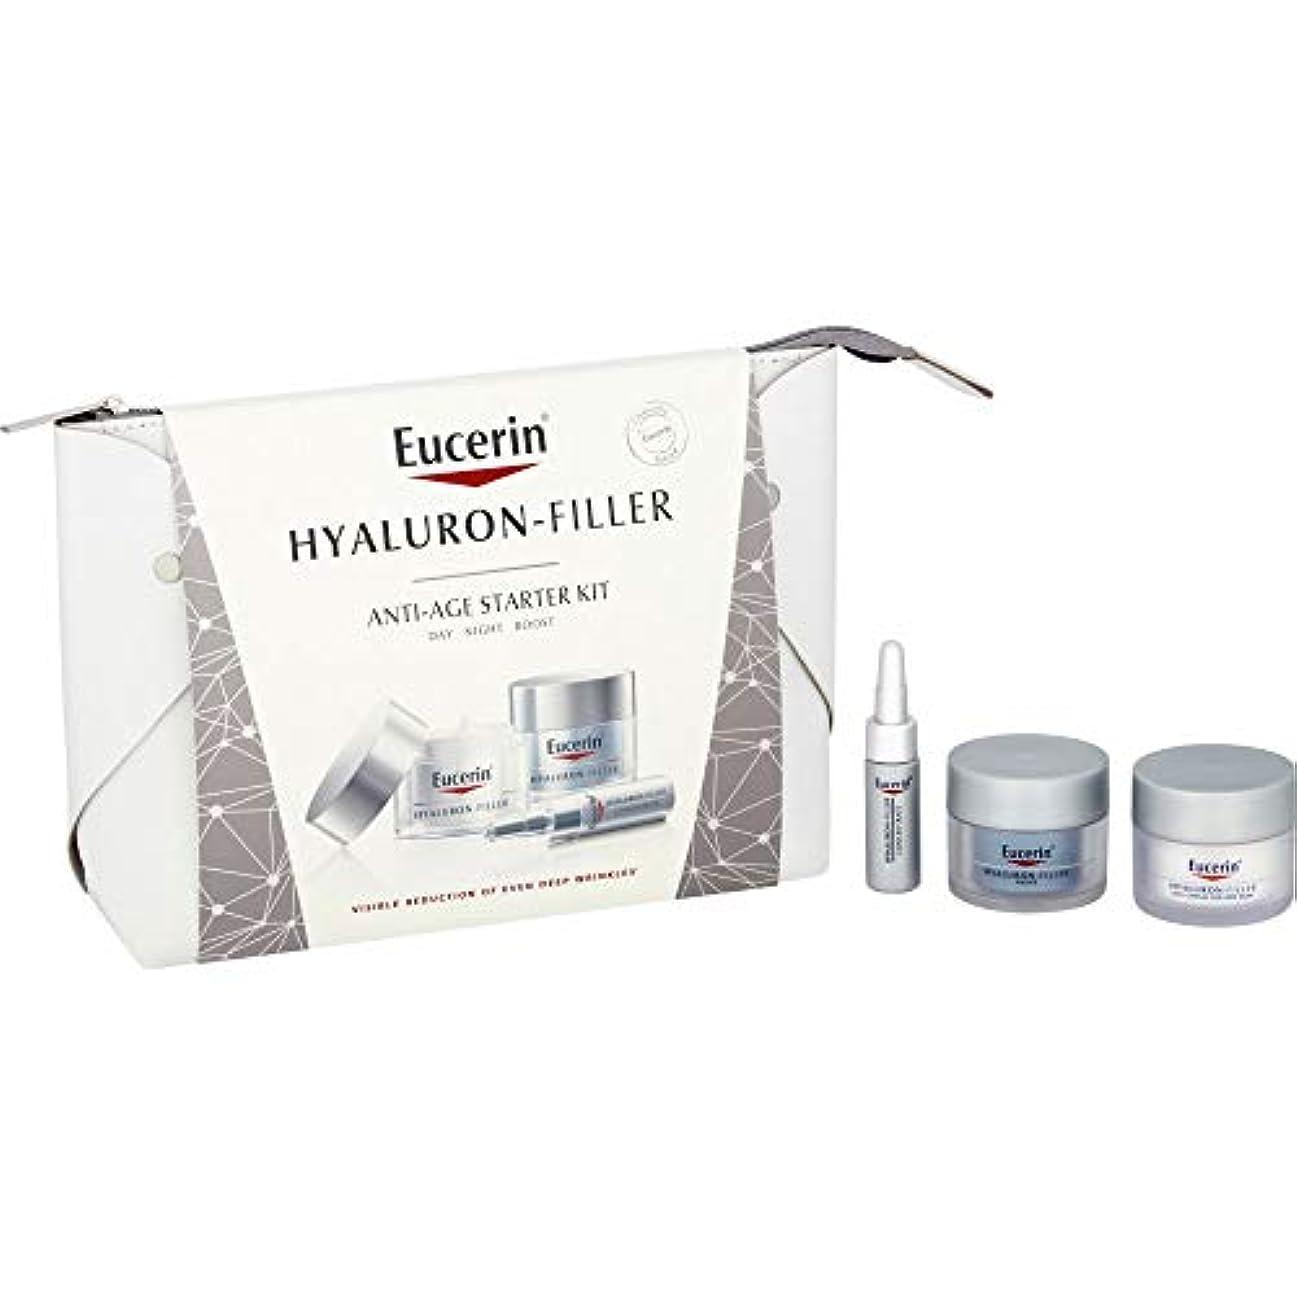 道を作る排除受賞[Eucerin] ユーセリンのヒアルロンフィラー抗加齢スターターキット - Eucerin Hyaluron-Filler Anti-Age Starter Kit [並行輸入品]